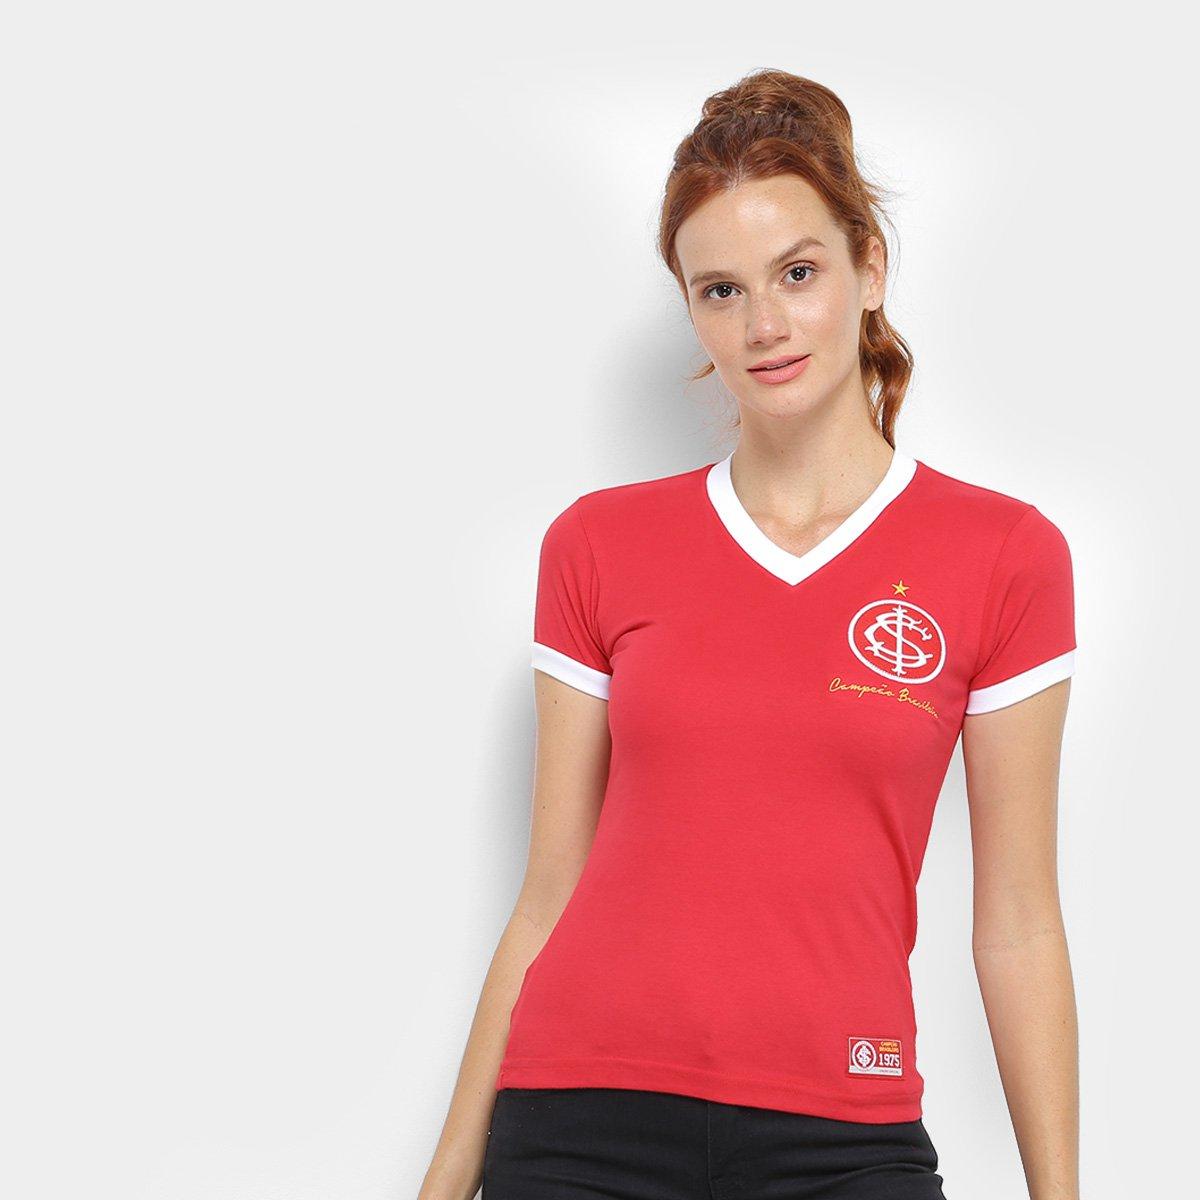 efc7f8852b2 Camiseta Internacional Retrô Mania 1975 Feminina - Compre Agora ...